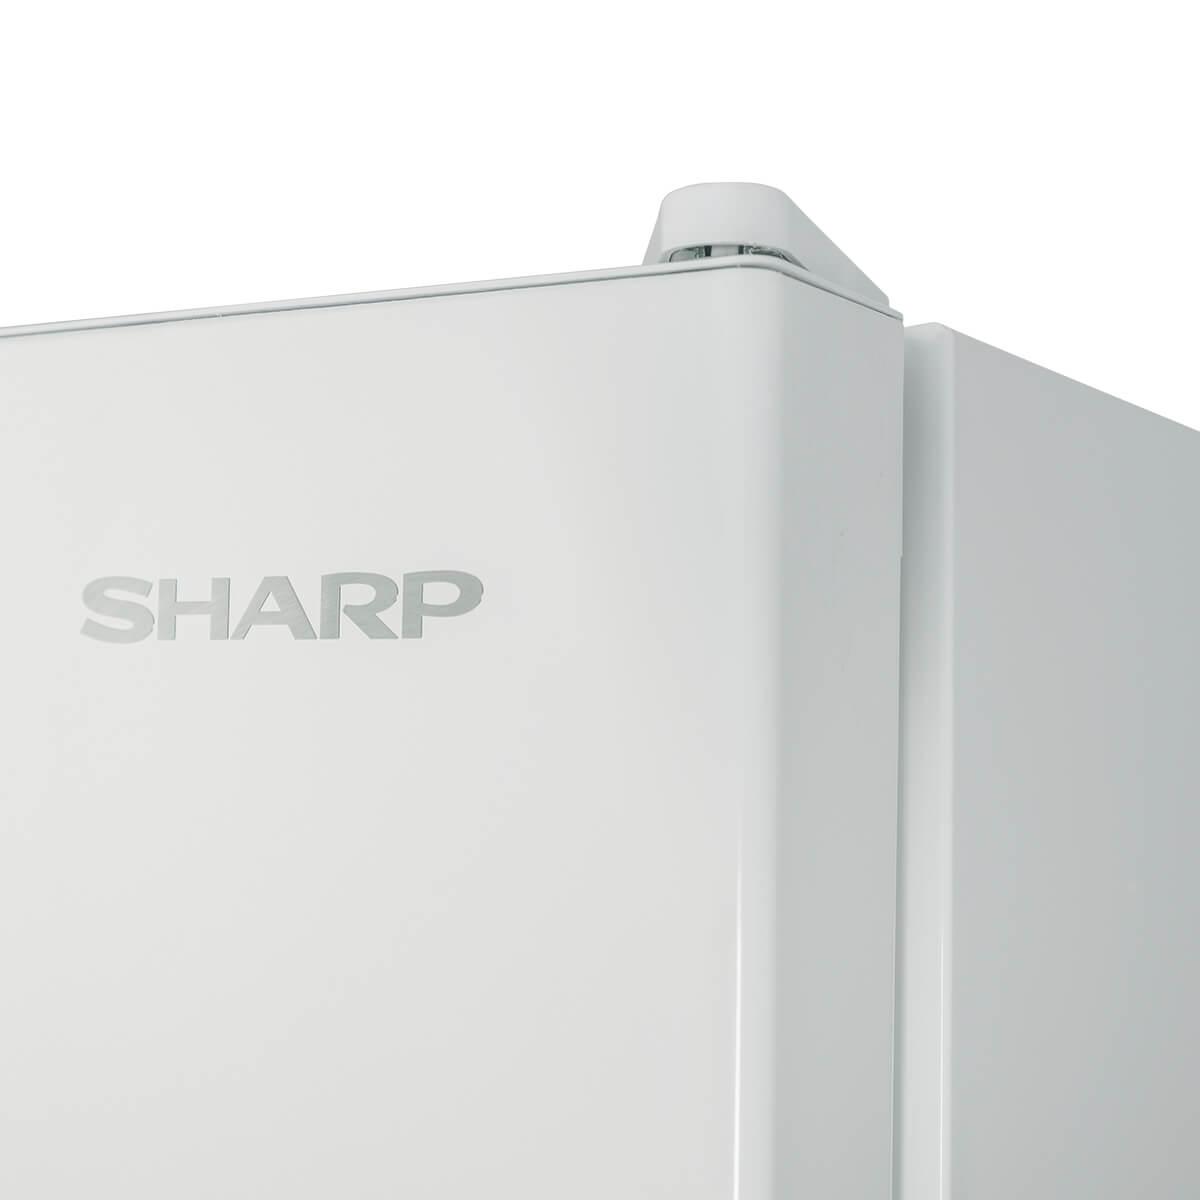 Kombinovani frižider Sharp 268 l (184+84) SJ-BB04DTXWF sarka